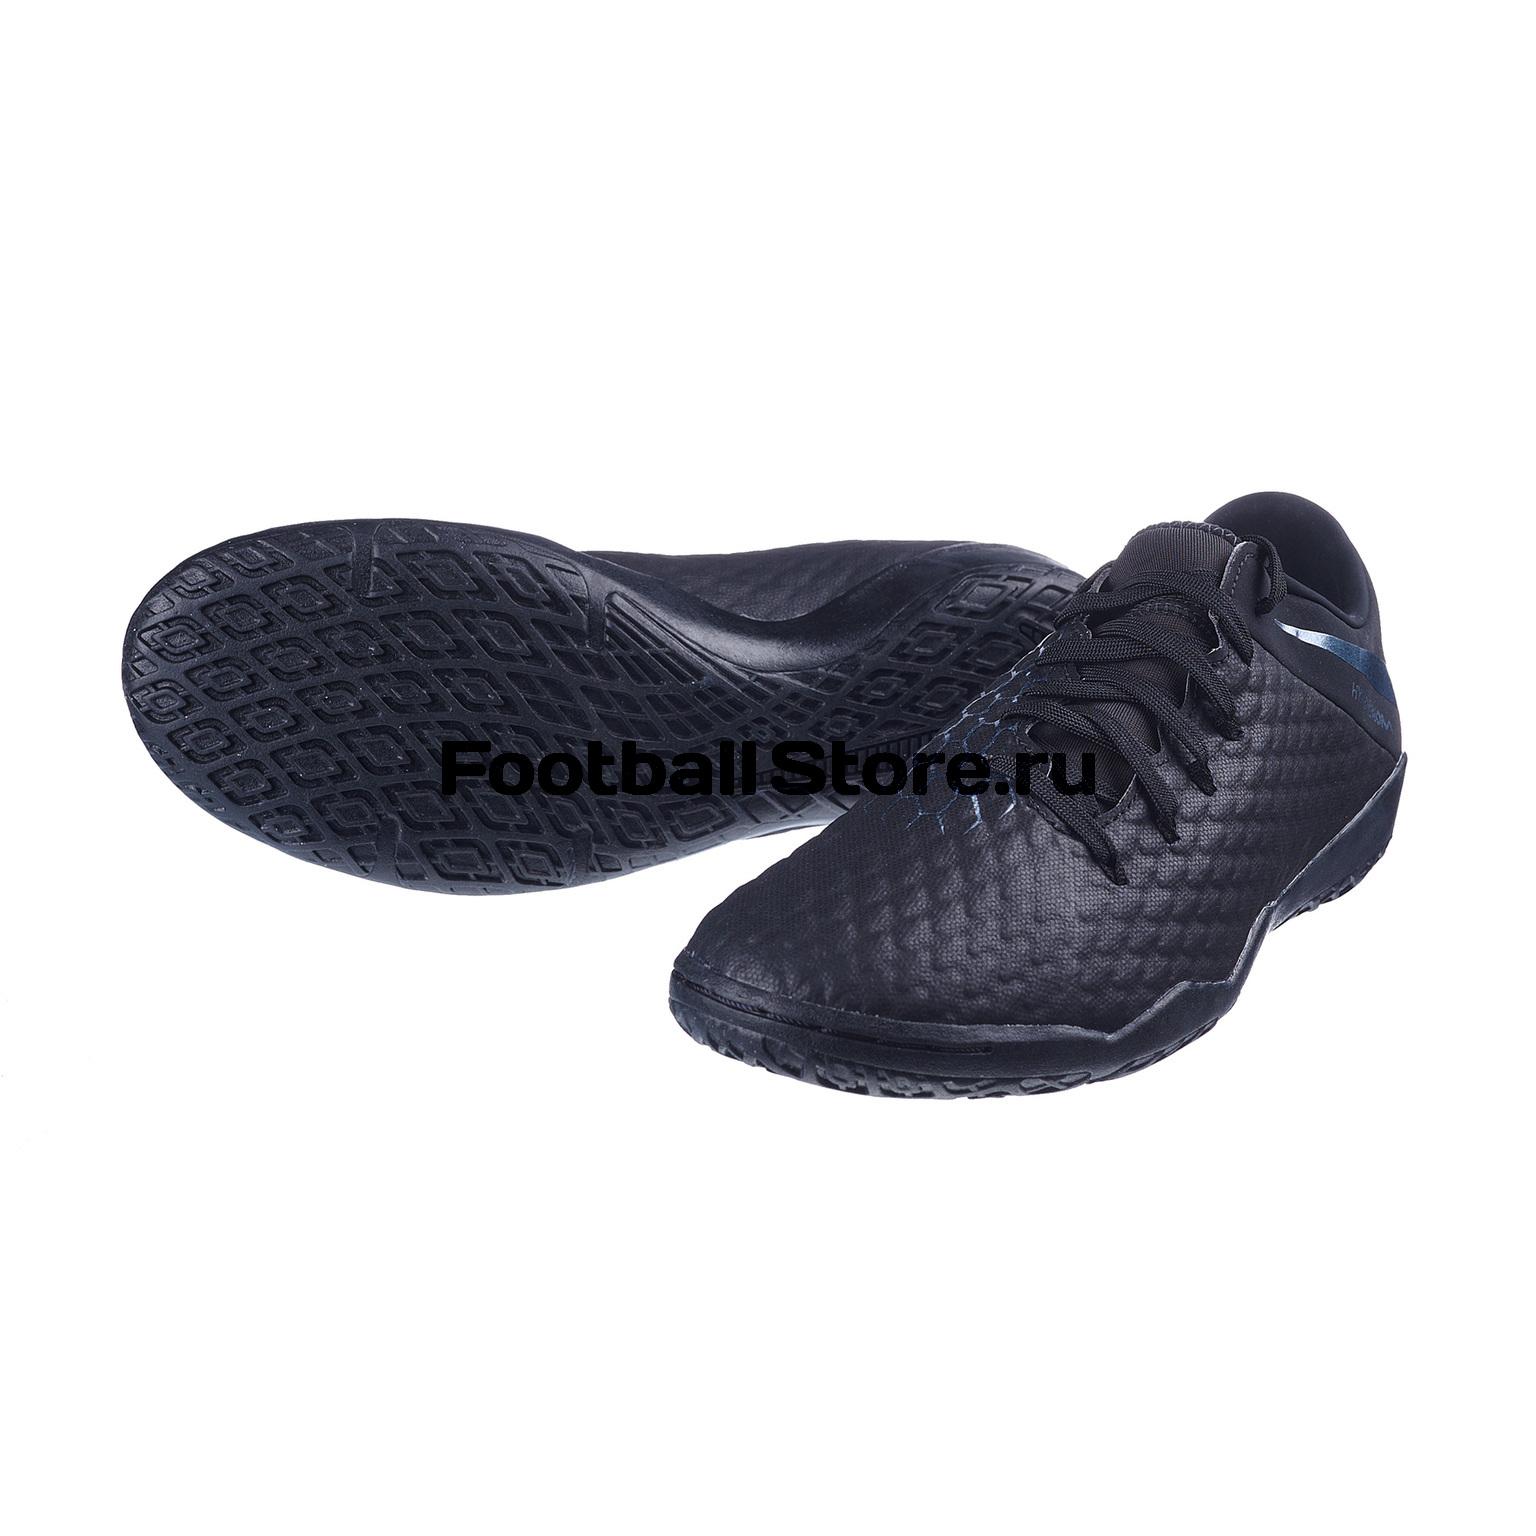 Обувь для зала Nike Hypervenom 3 Academy IC AJ3814-001 обувь для зала nike phantom vision club df ic ao3271 001